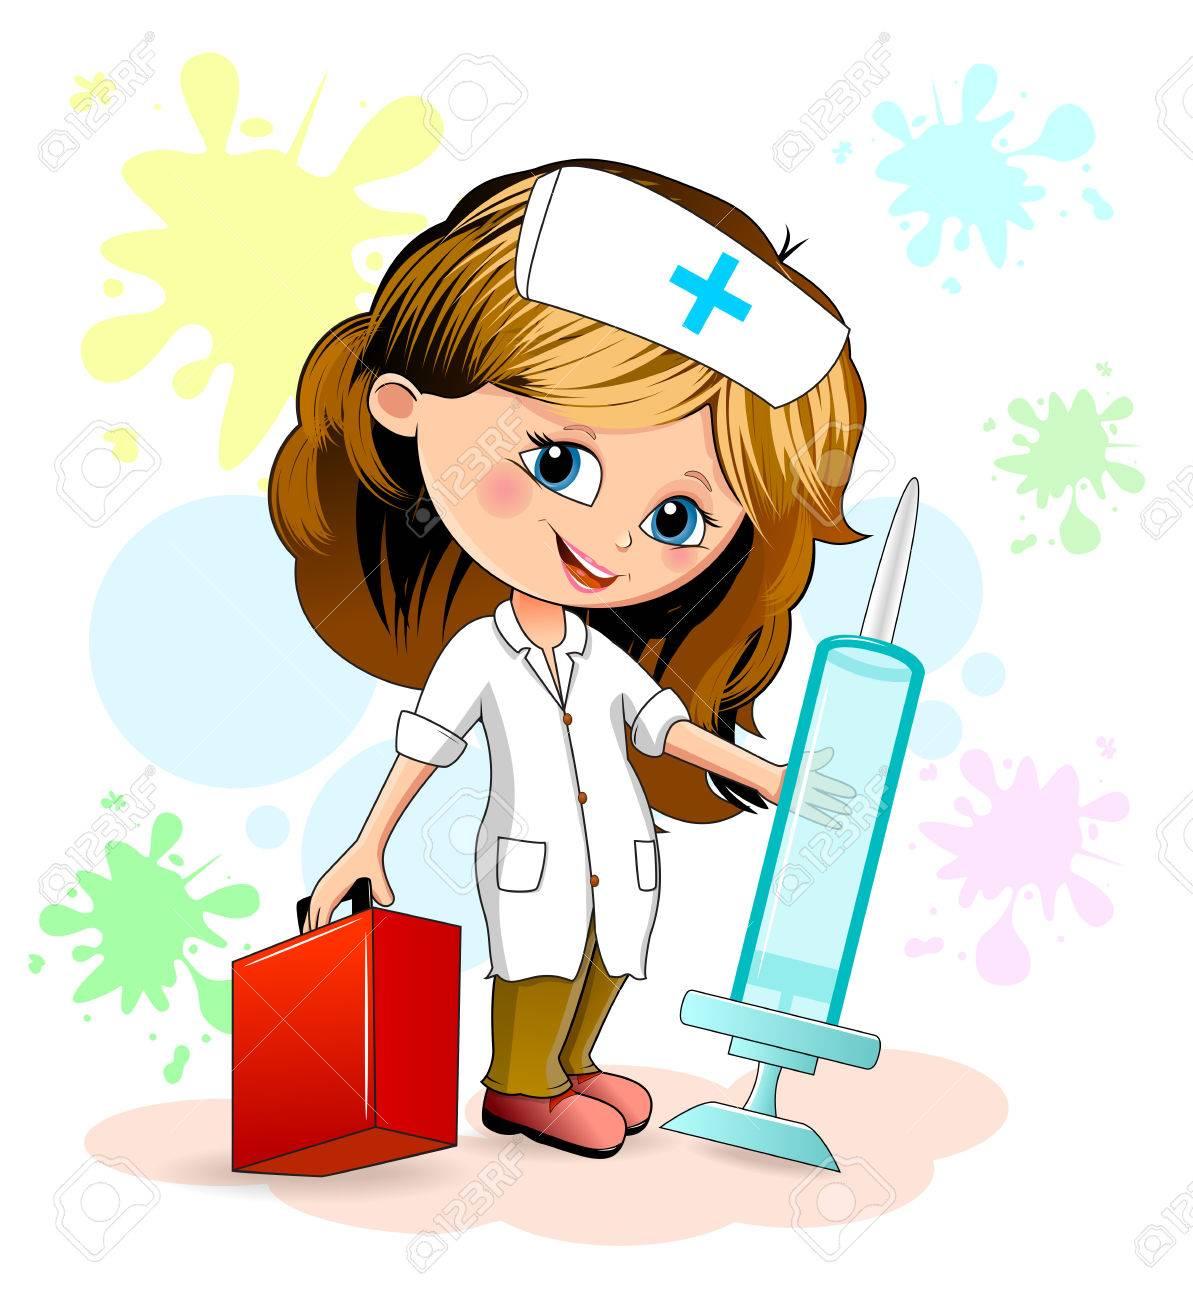 Niña De Dibujos Animados En Un Uniforme De Enfermera Una Enfermera Está Sosteniendo Una Jeringuilla Y La Maleta De Un Doctor